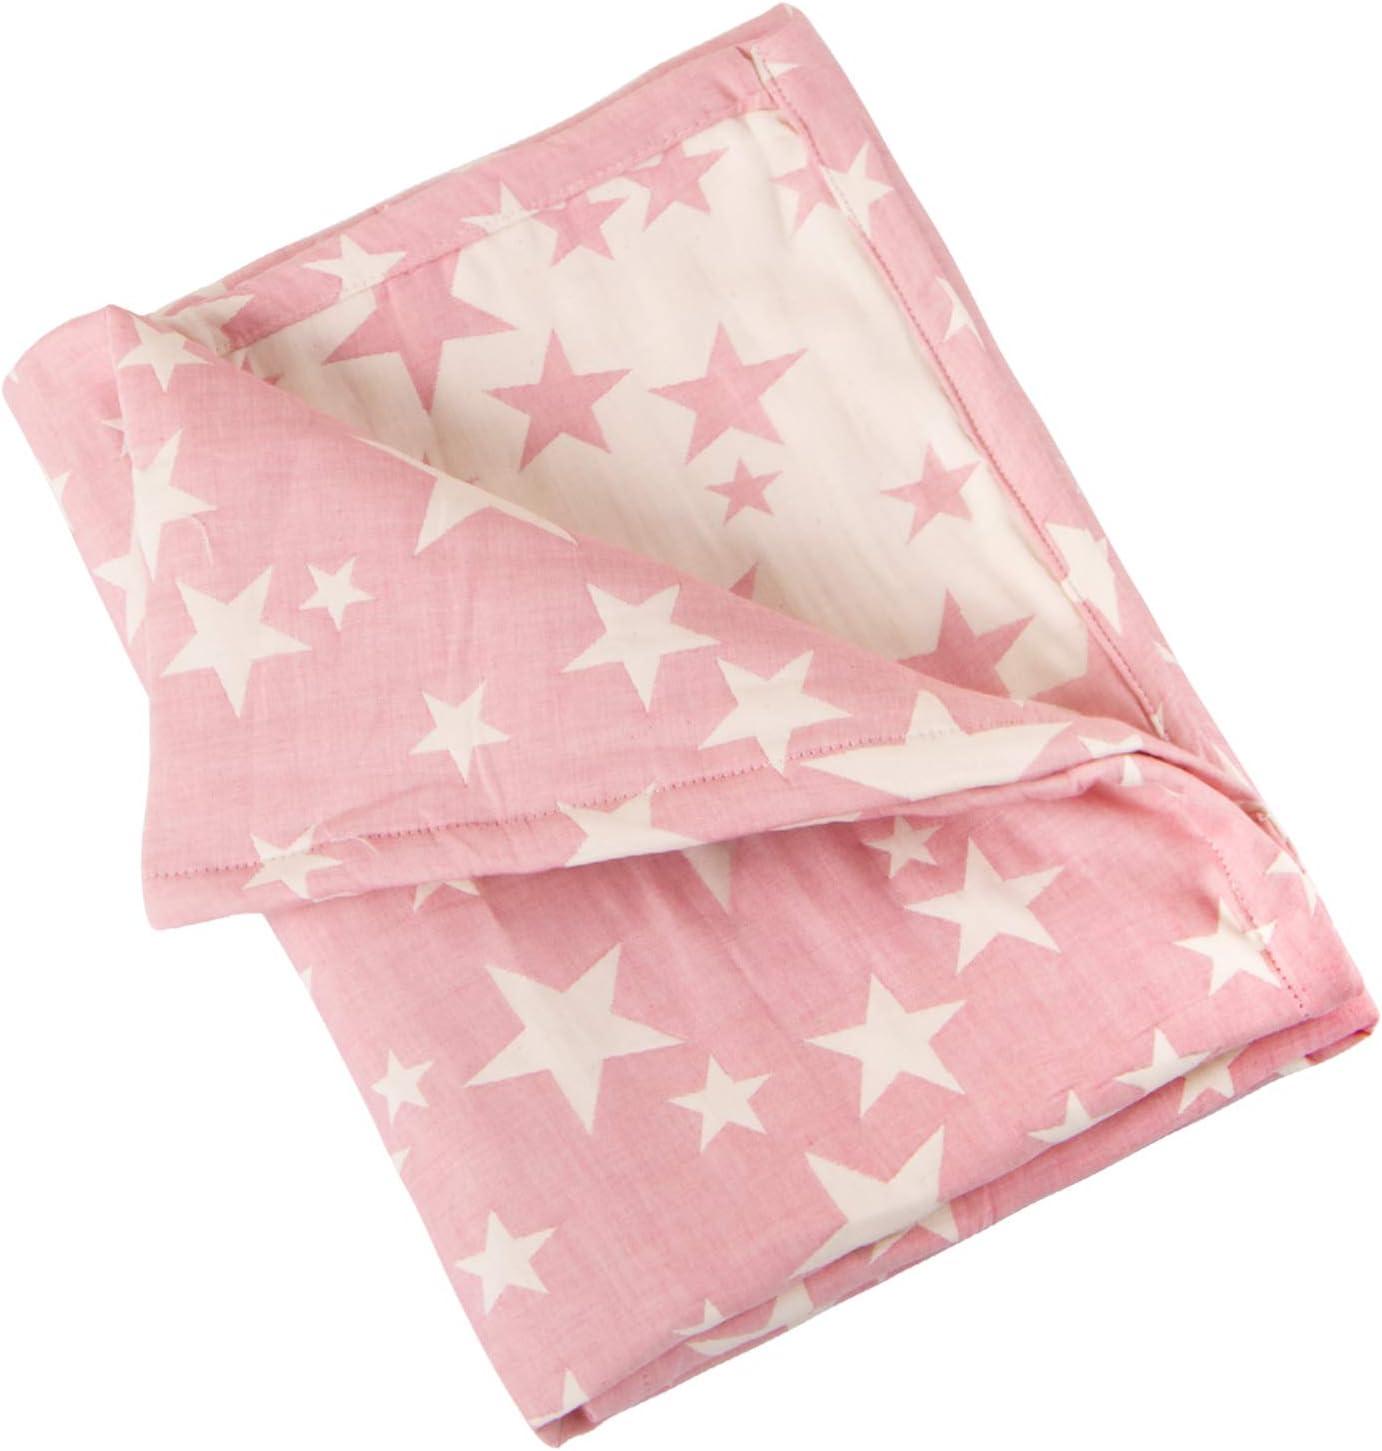 NTBAY Manta de bebé de 3 capas, manta de muselina recién nacida súper suave y transpirable para todas las estaciones, 76x102 cm, Estrella Rosa